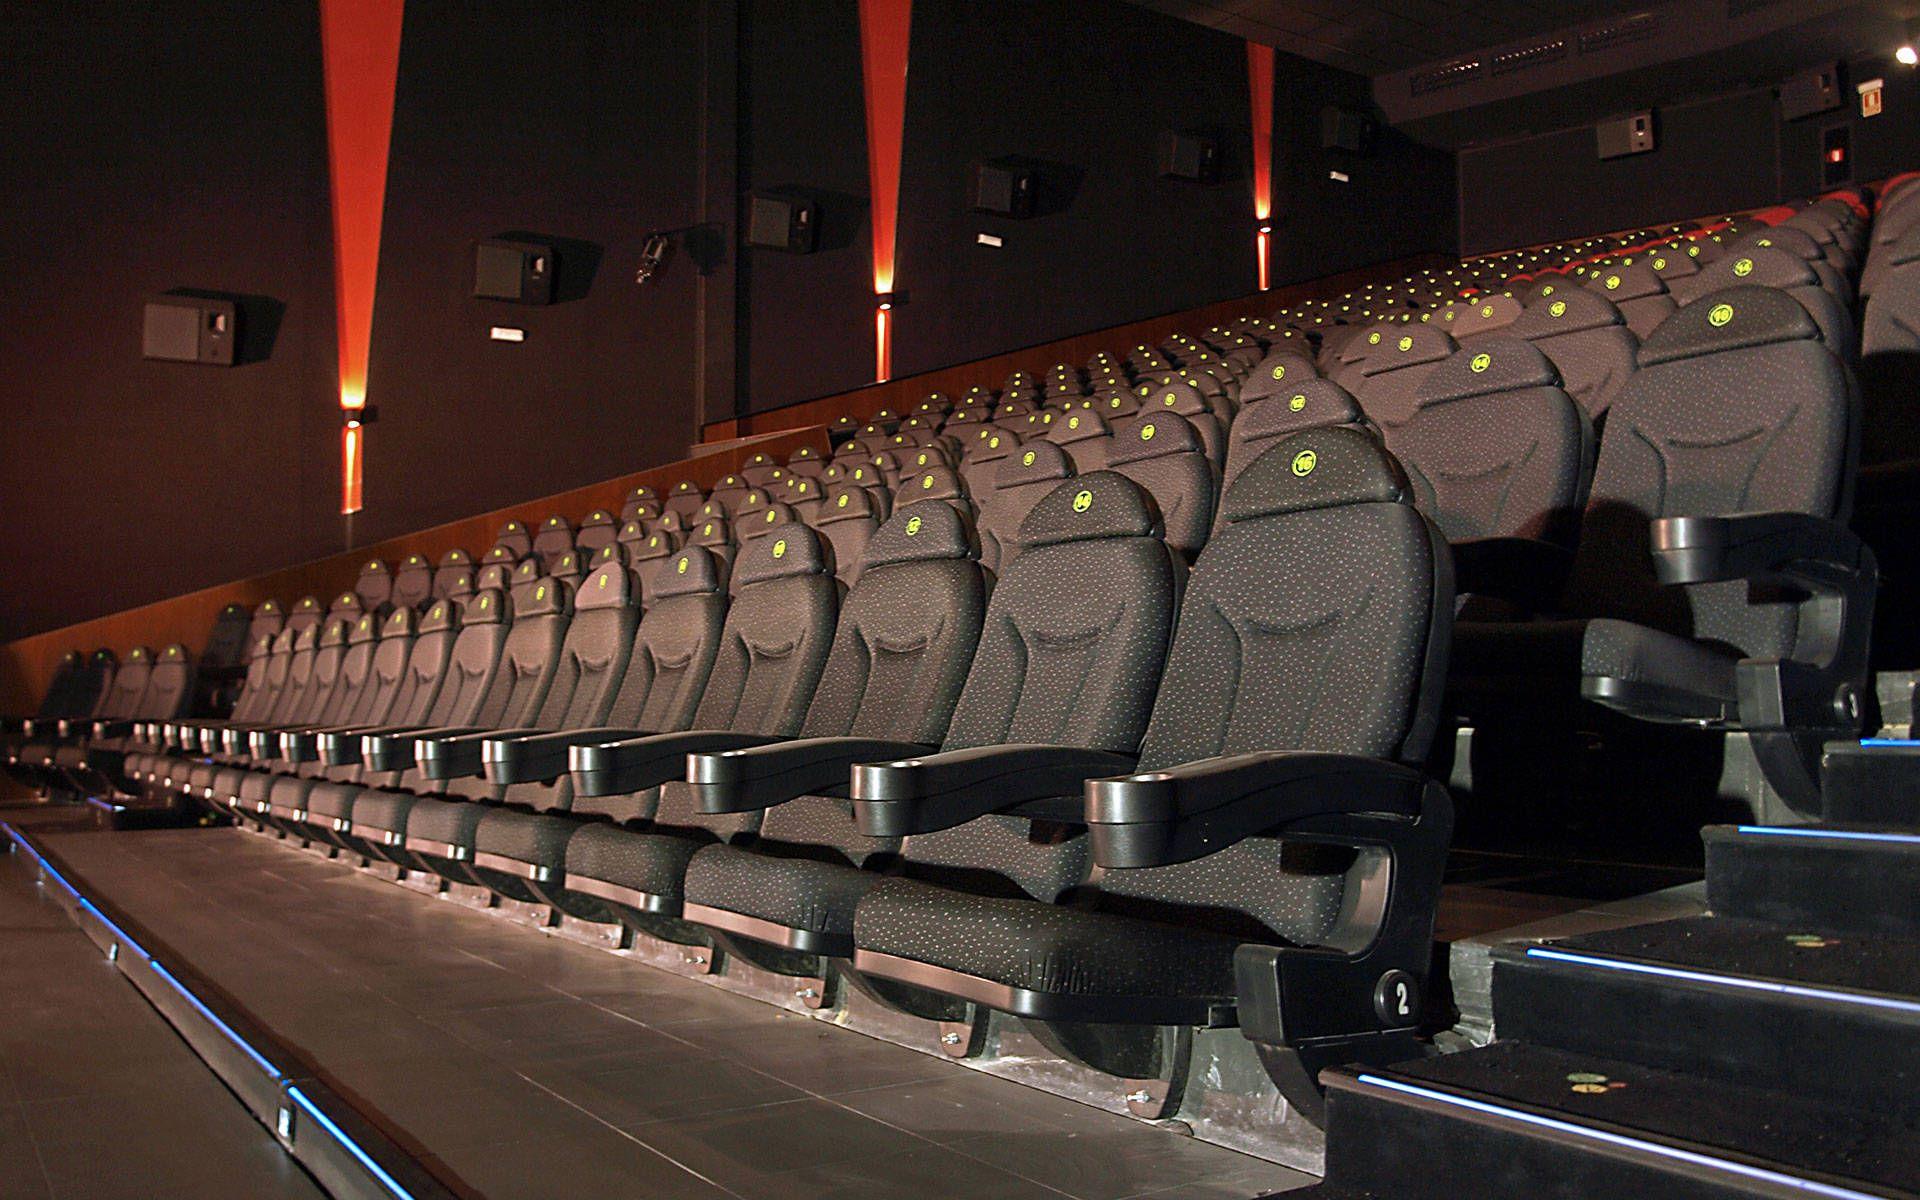 Regresa la fiesta del cine con precios populares mira for Cines arenys precios